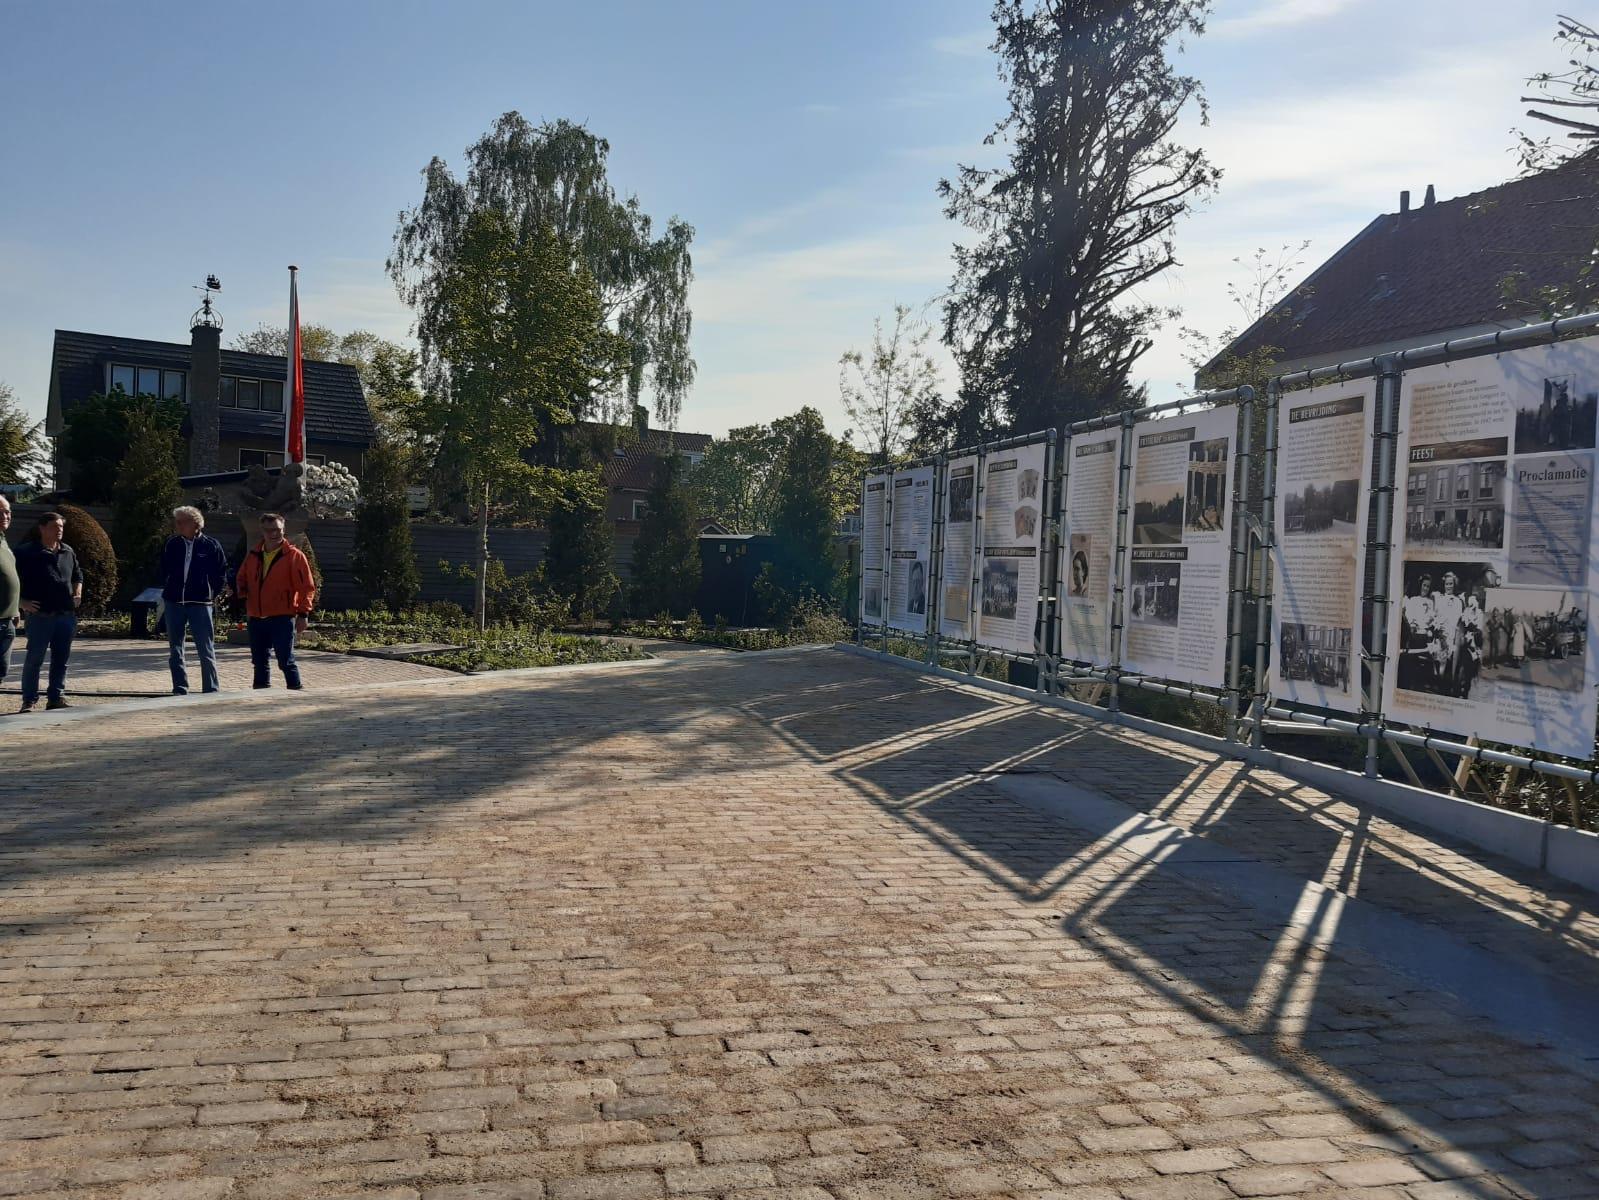 Eerste herdenkingsmonument WO II van ons land, dat in Loosdrecht, nu vol herinneringen aan oorlog en bevrijding